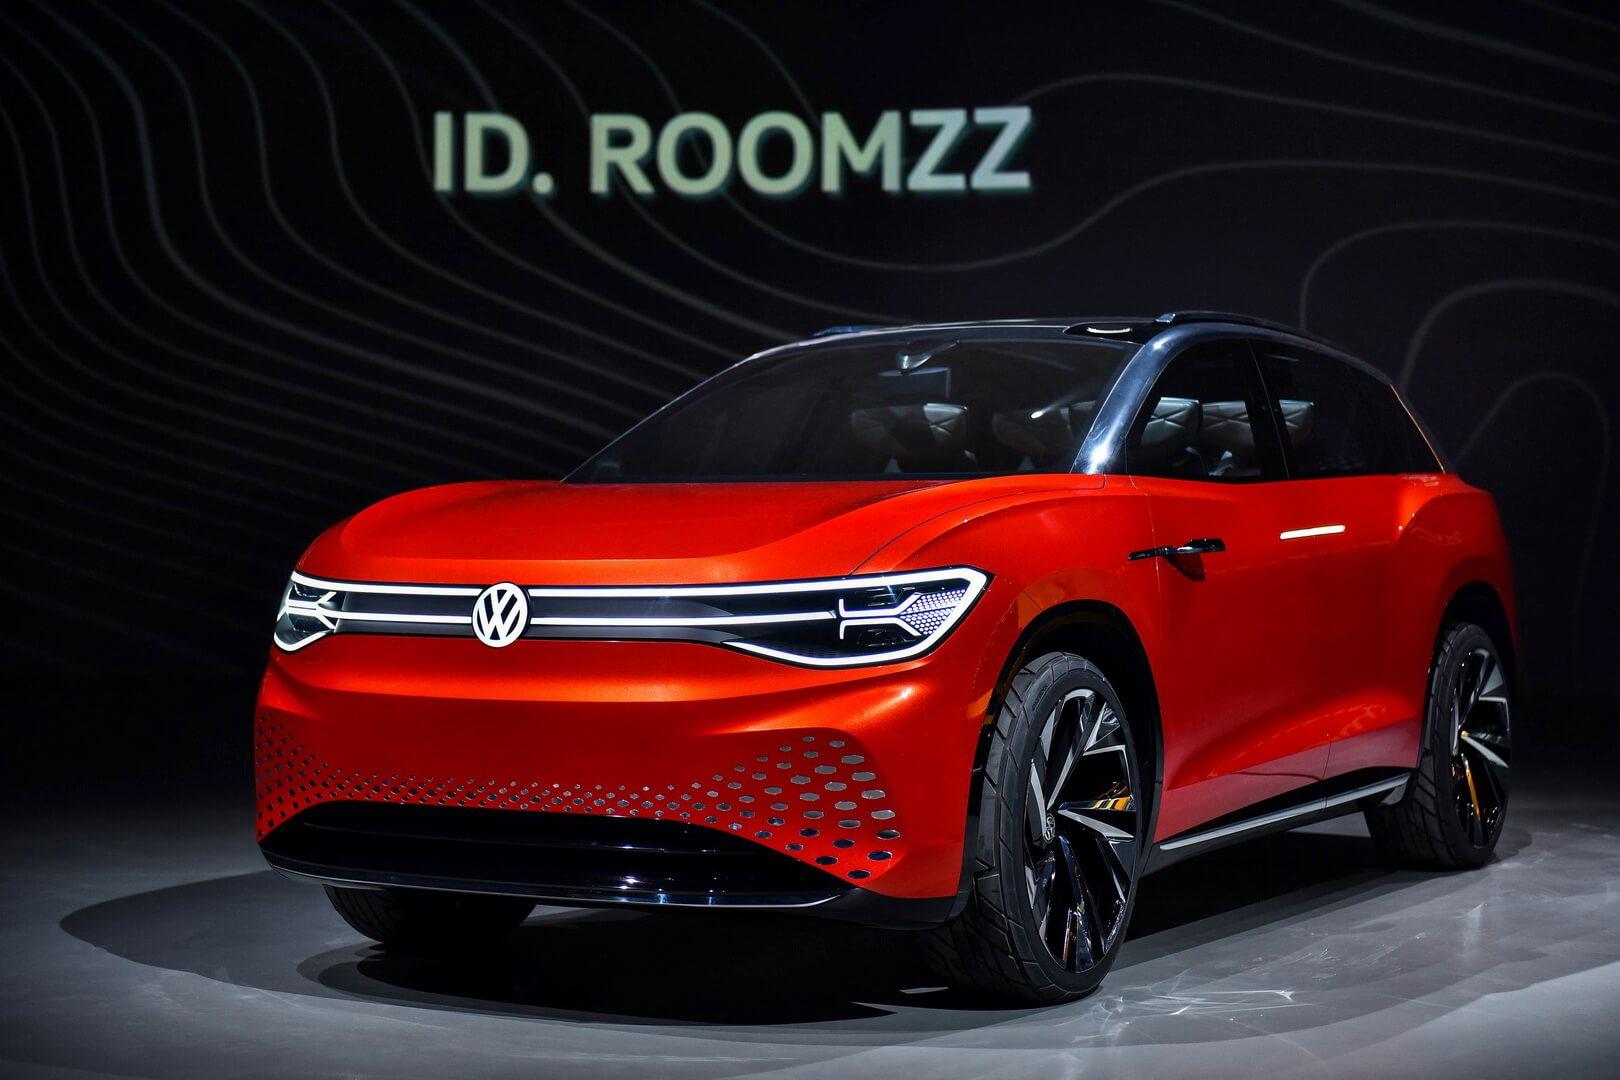 Электрический внедорожник Volkswagen ID. ROOMZZ